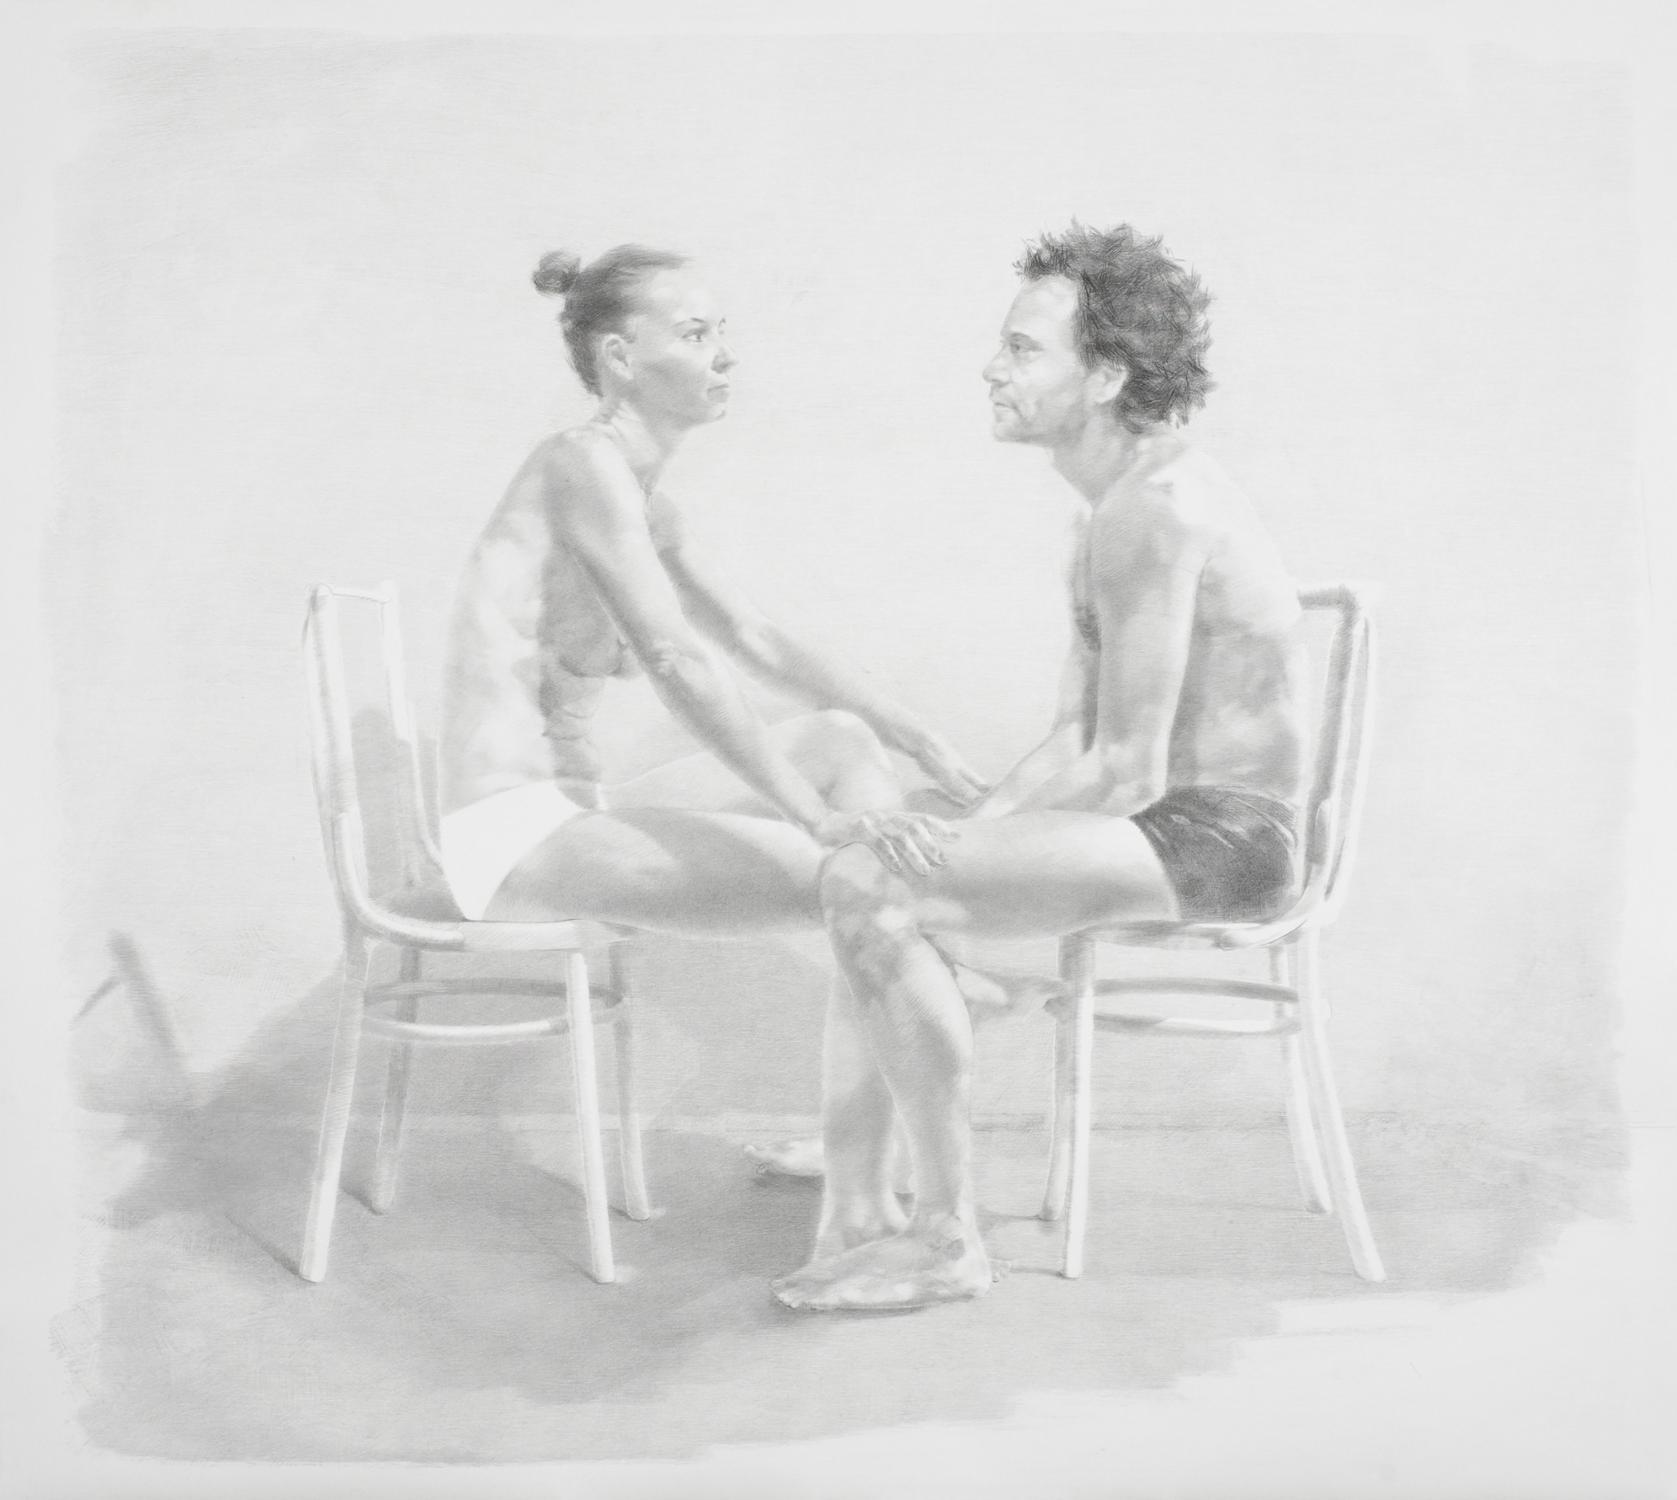 Frauenbilder Gesellschaftsbilder Normen Zeichnungen